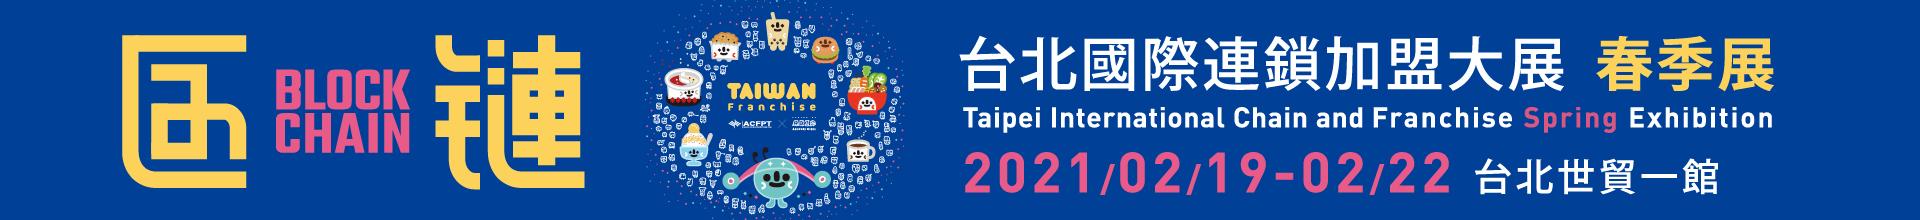 2021台北國際連鎖加盟大展-春季展